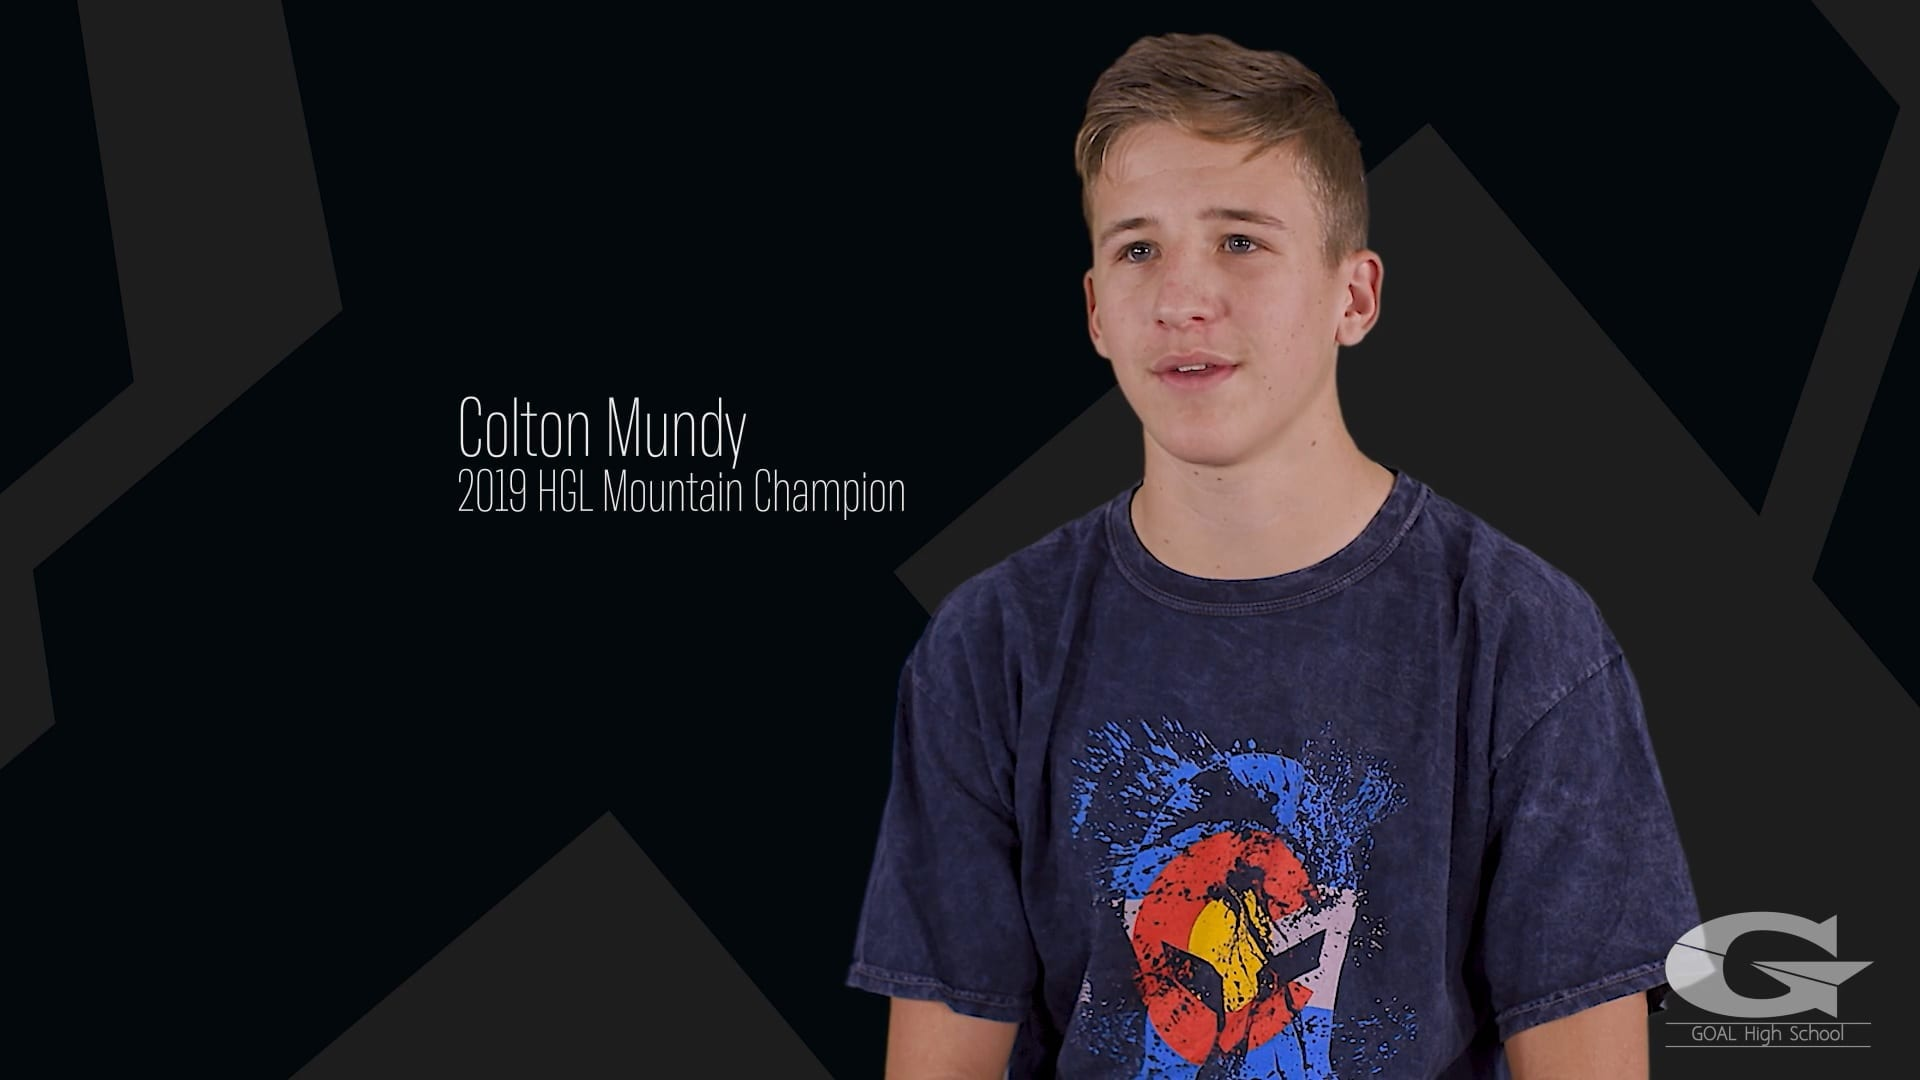 Colton Mundy, 2019 HGL Mountain Champion